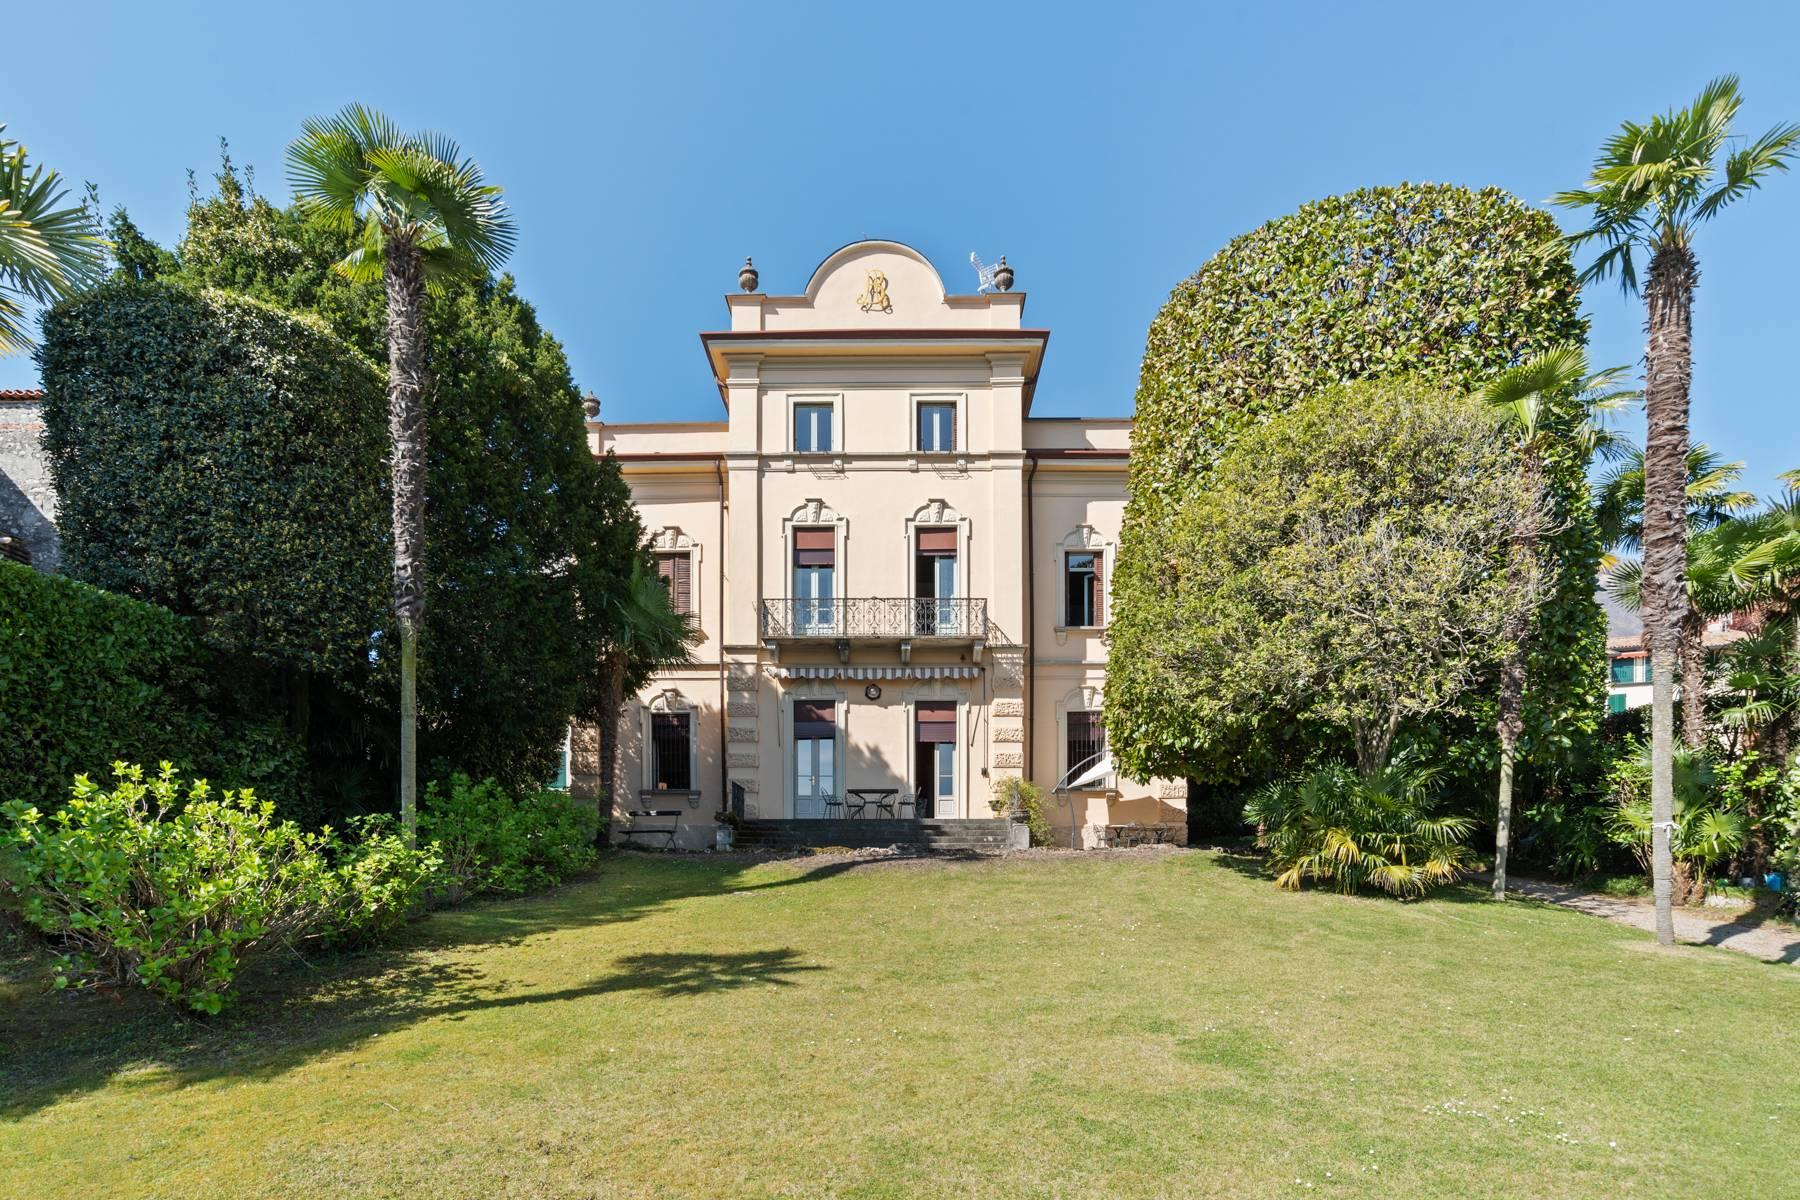 Villa in Vendita a Tremezzina: 5 locali, 650 mq - Foto 3